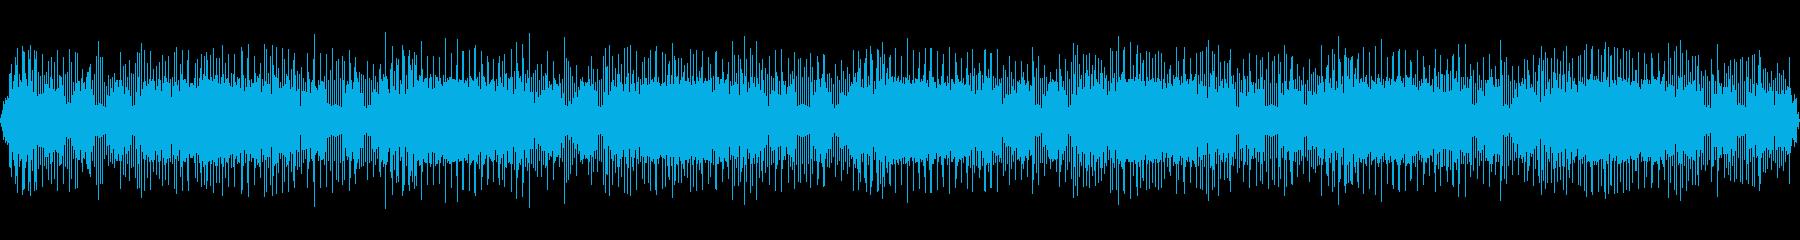 宇宙空間のレーザー燃焼ノイズの再生済みの波形